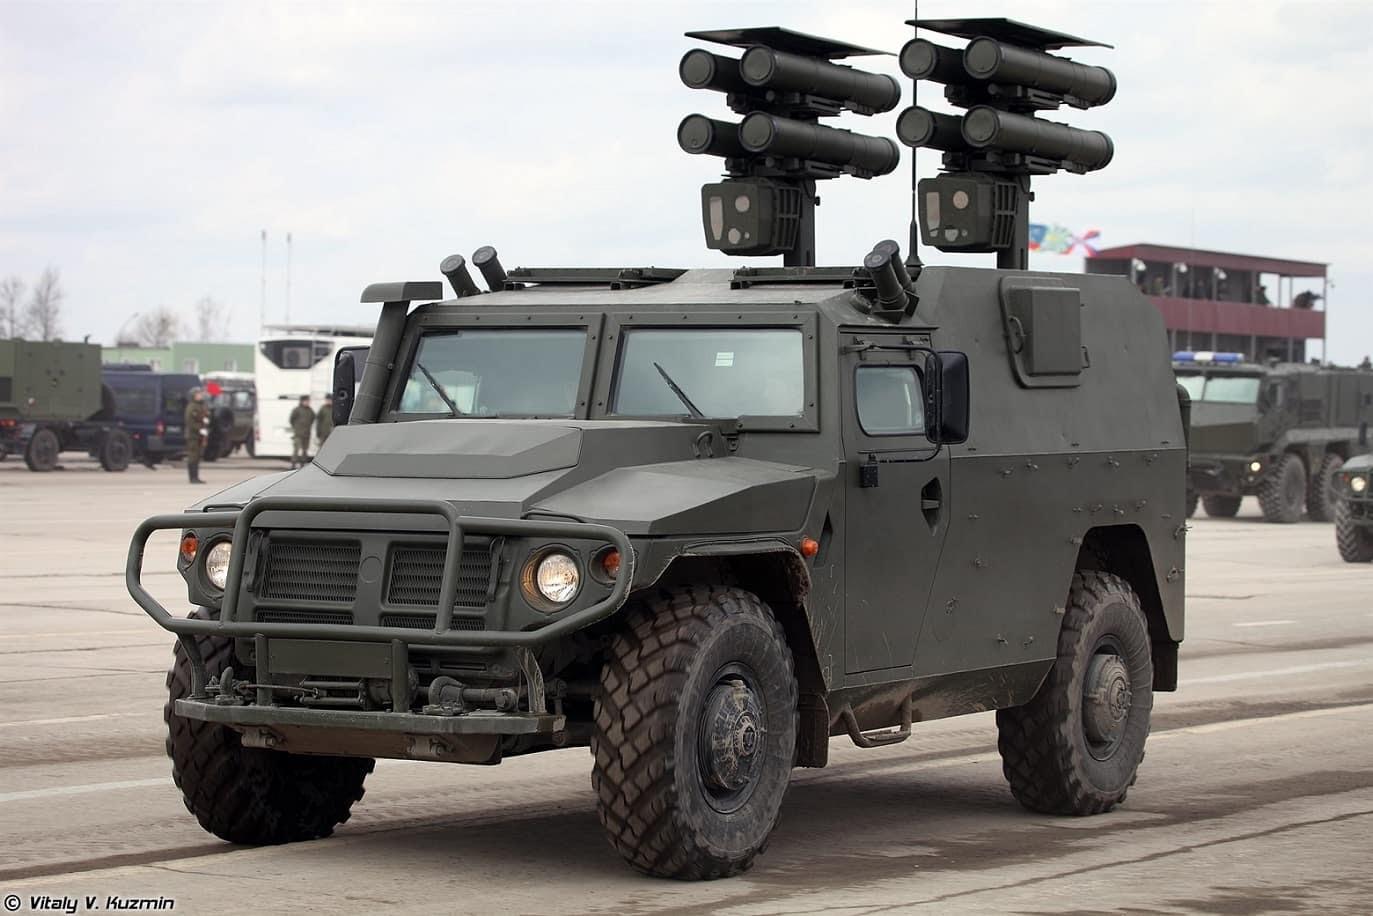 Reportagem russa afrima que Kornet 'arruina' completamente a última versão do tanque Abrams